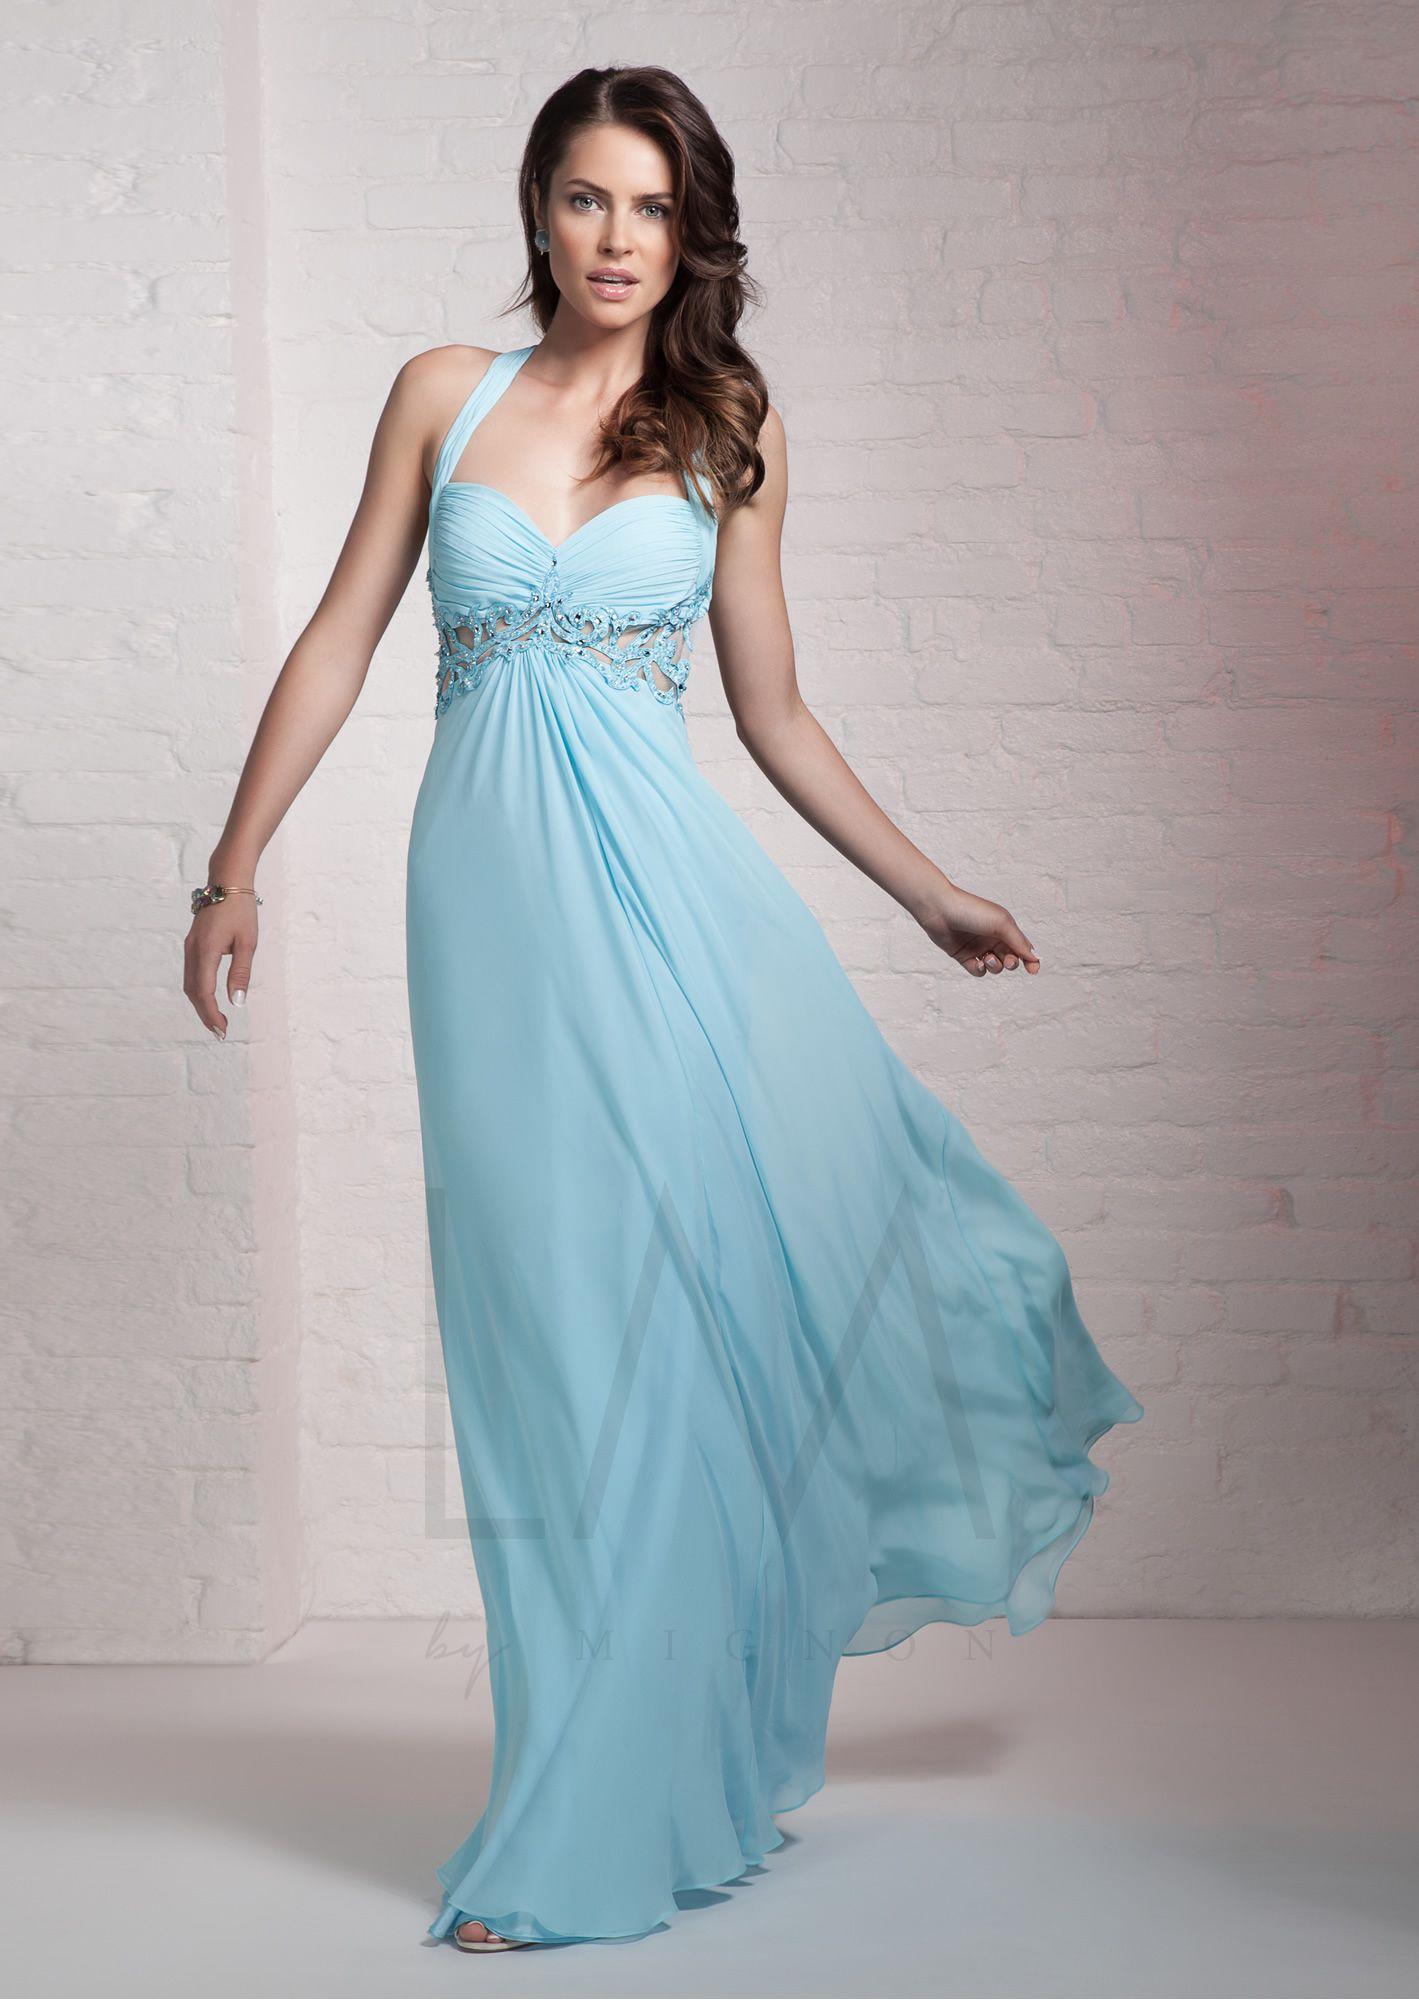 Brisbane Formal Dresses, Cheap Formal Dresses Shop in Brisbane ...